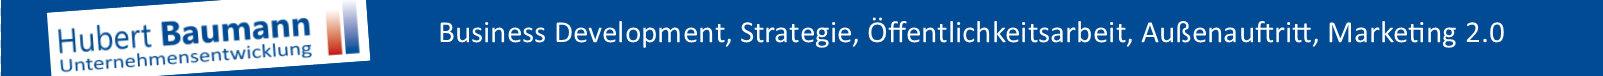 Unternehmensentwicklung, Business Development, Strategie, Außenauftritt, Marketing-2.0